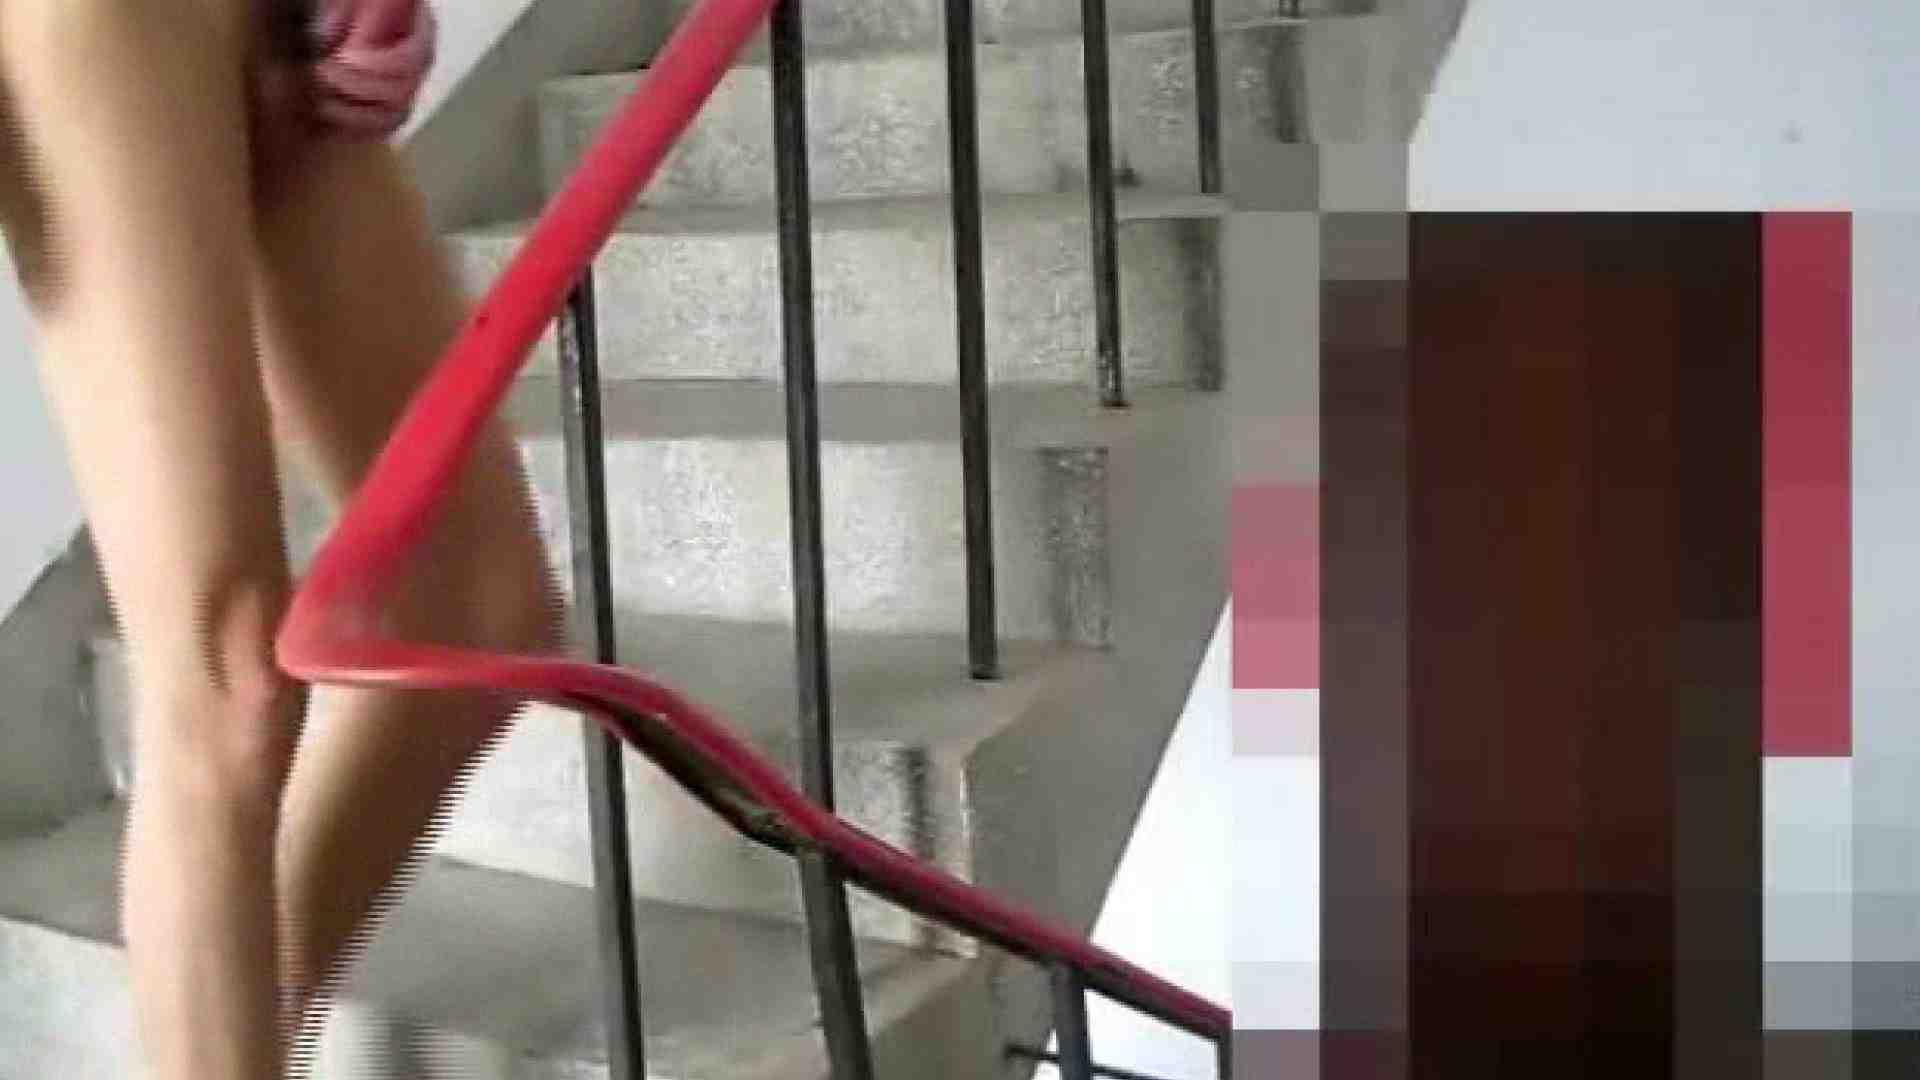 オナニー階段でシコる! シコる ちんぽ画像 95連発 89